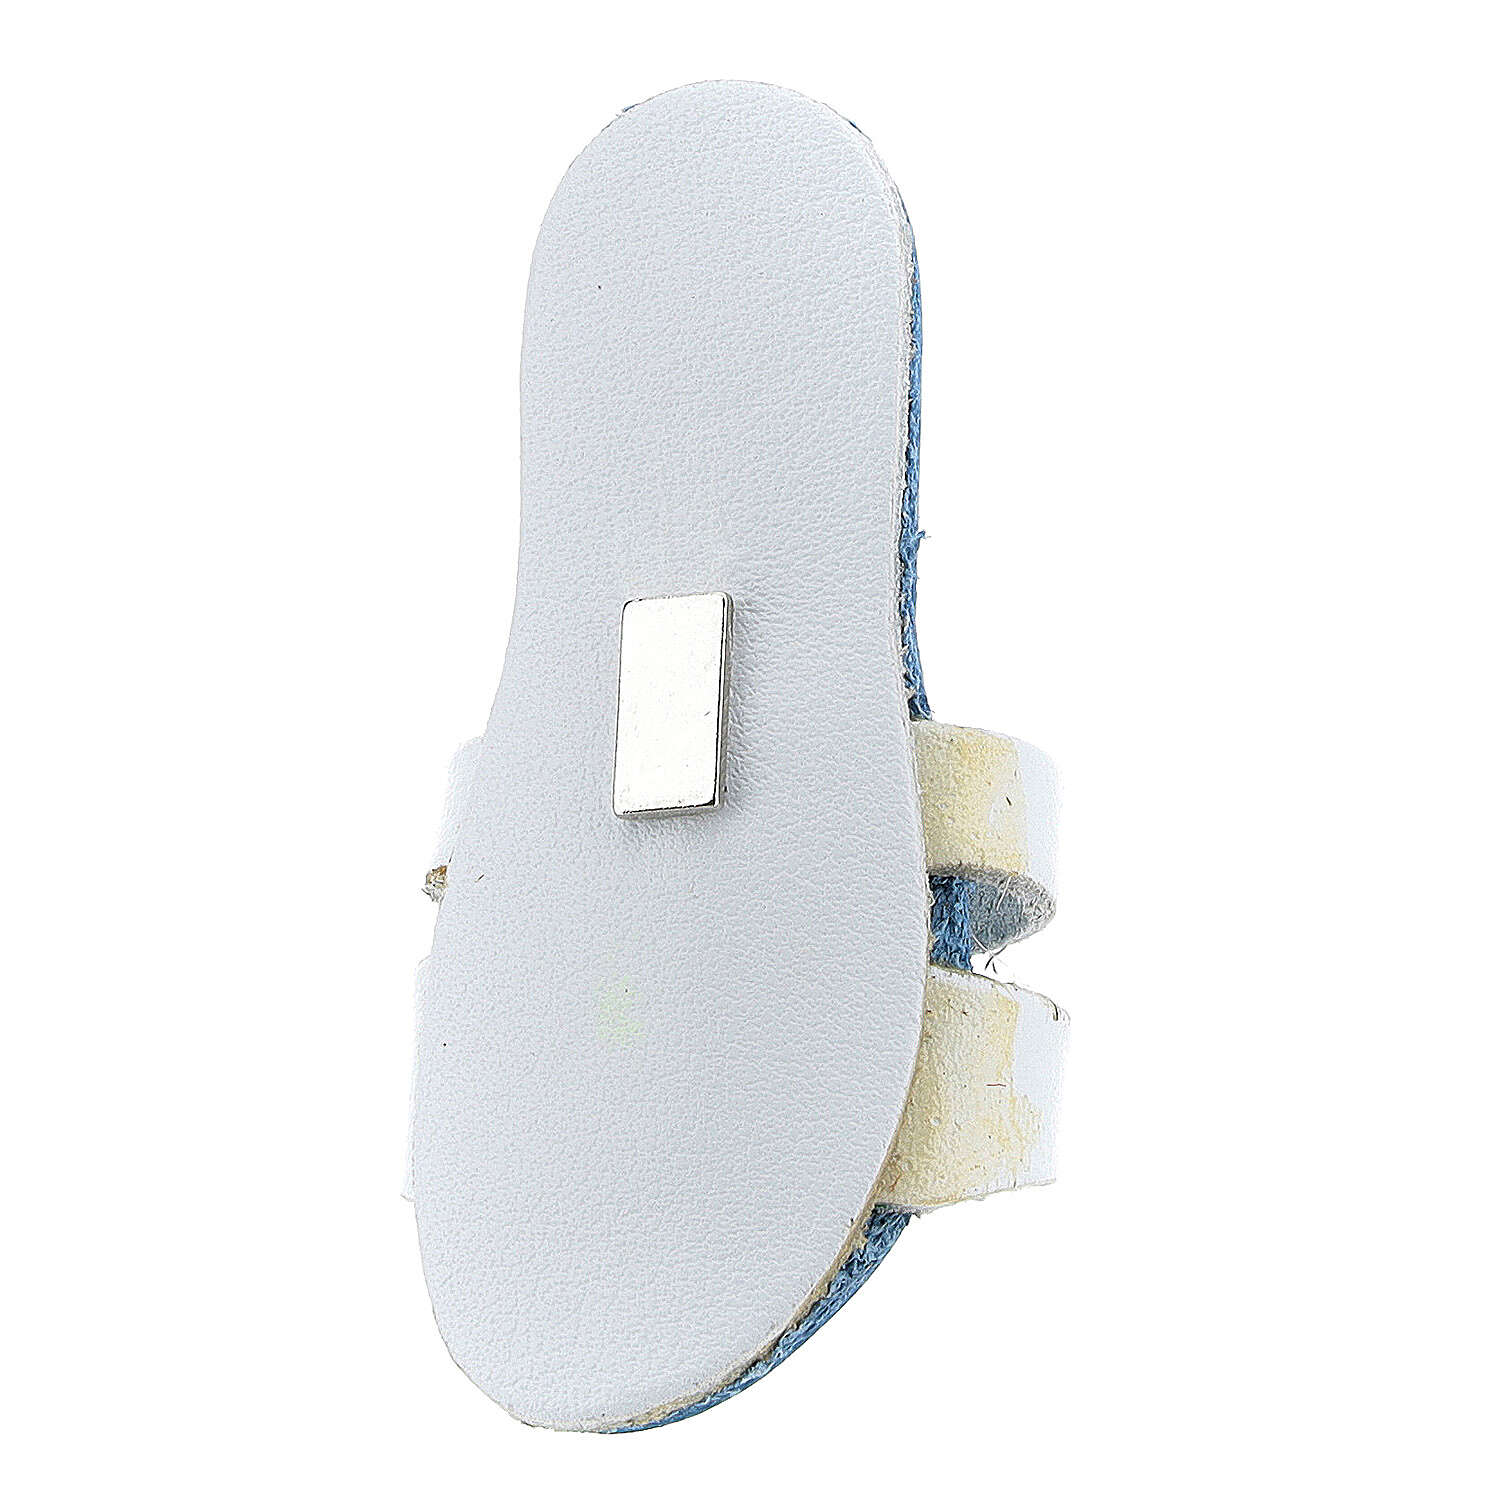 Aimant sandale franciscaine bleue claire Tau cuir véritable 6 cm 3